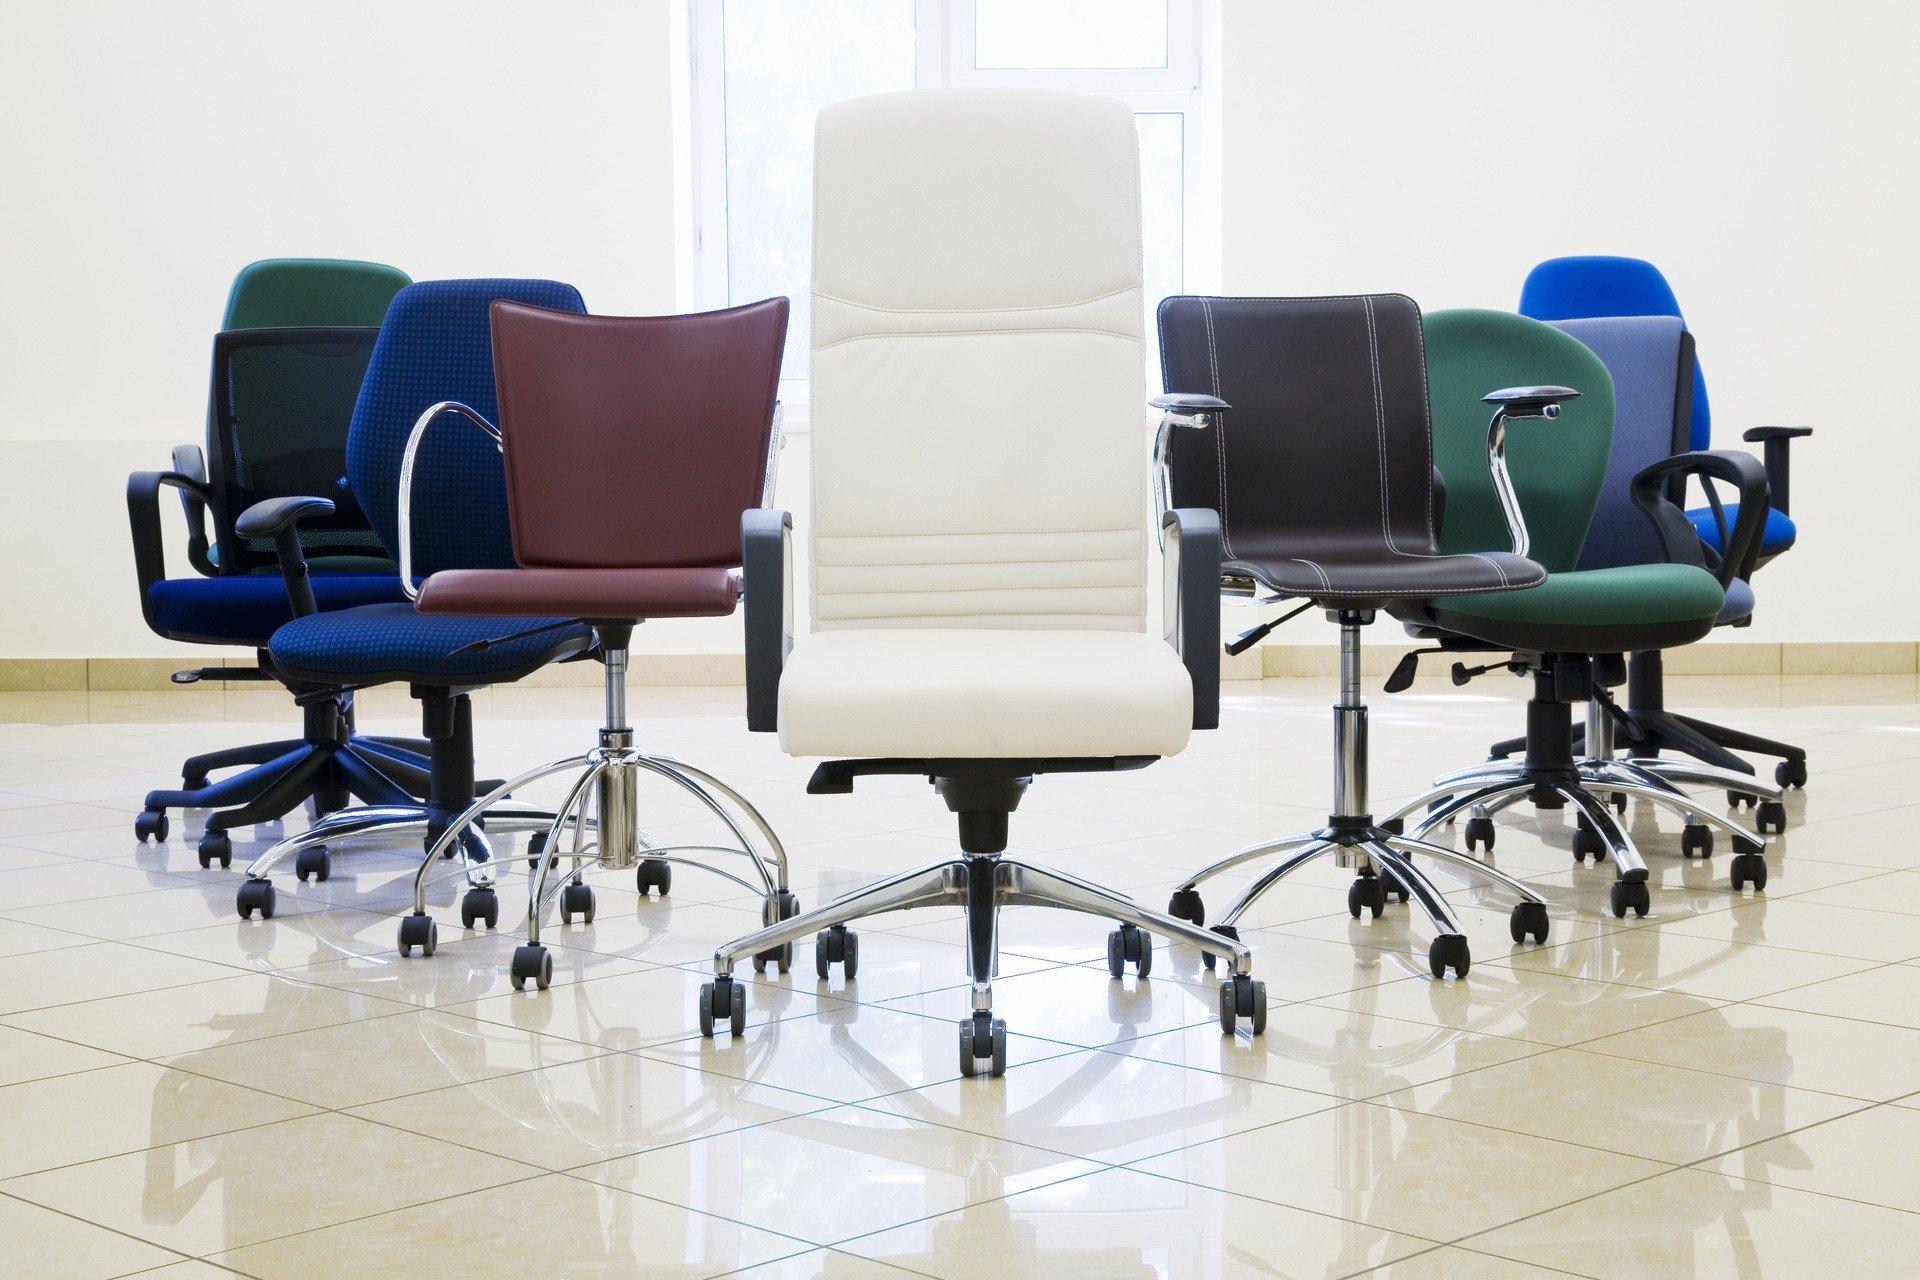 Jak wybrać wygodne krzesło do biurka, czyli pięć kwestii, na